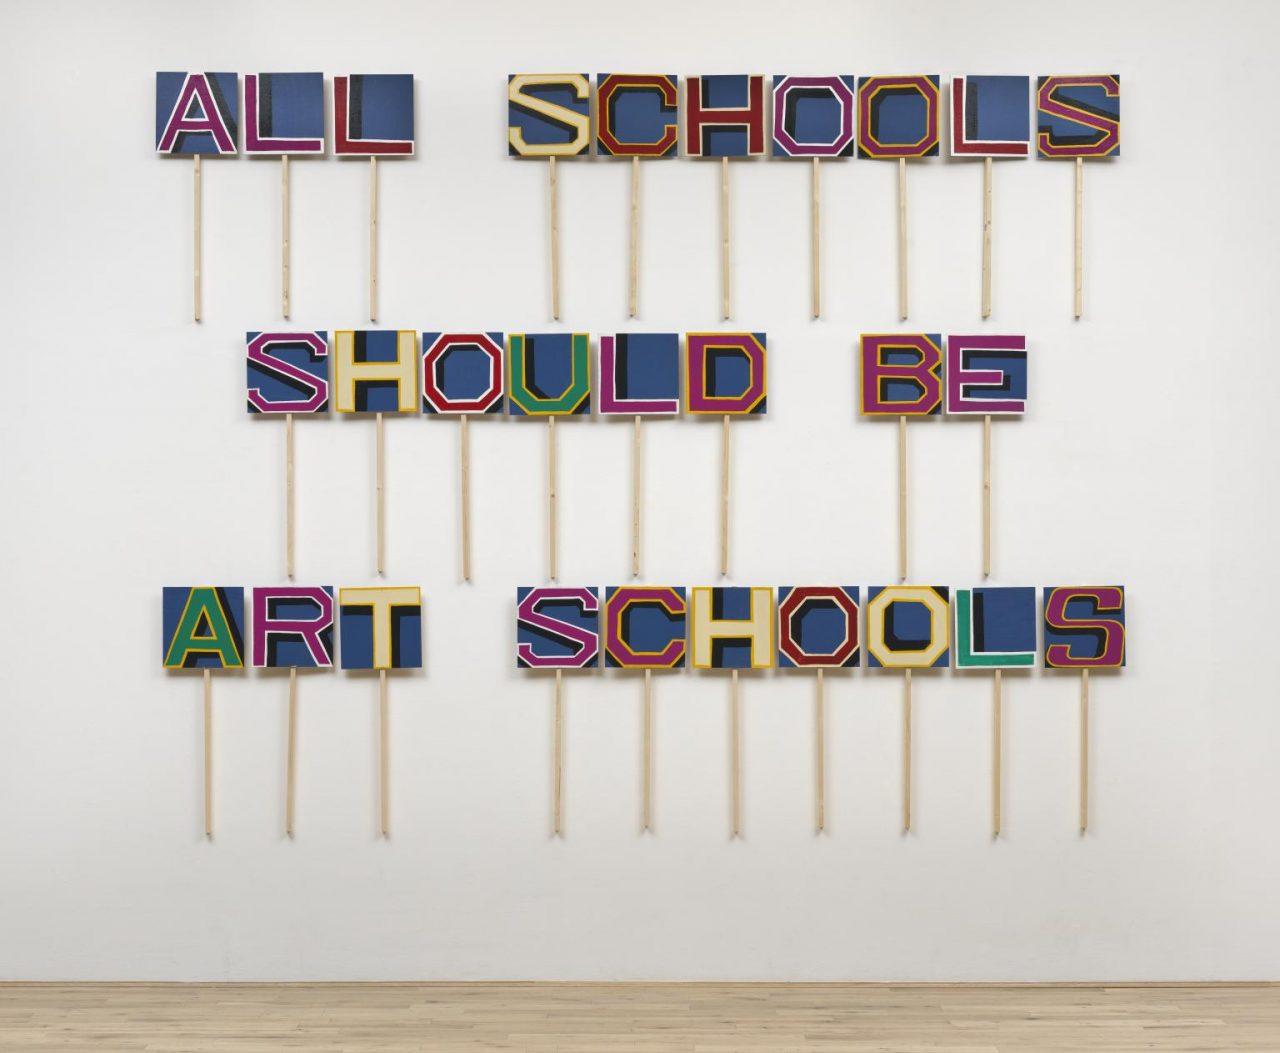 All Schools Should be Art Schools 2016 by Bob and Roberta Smith born 1963